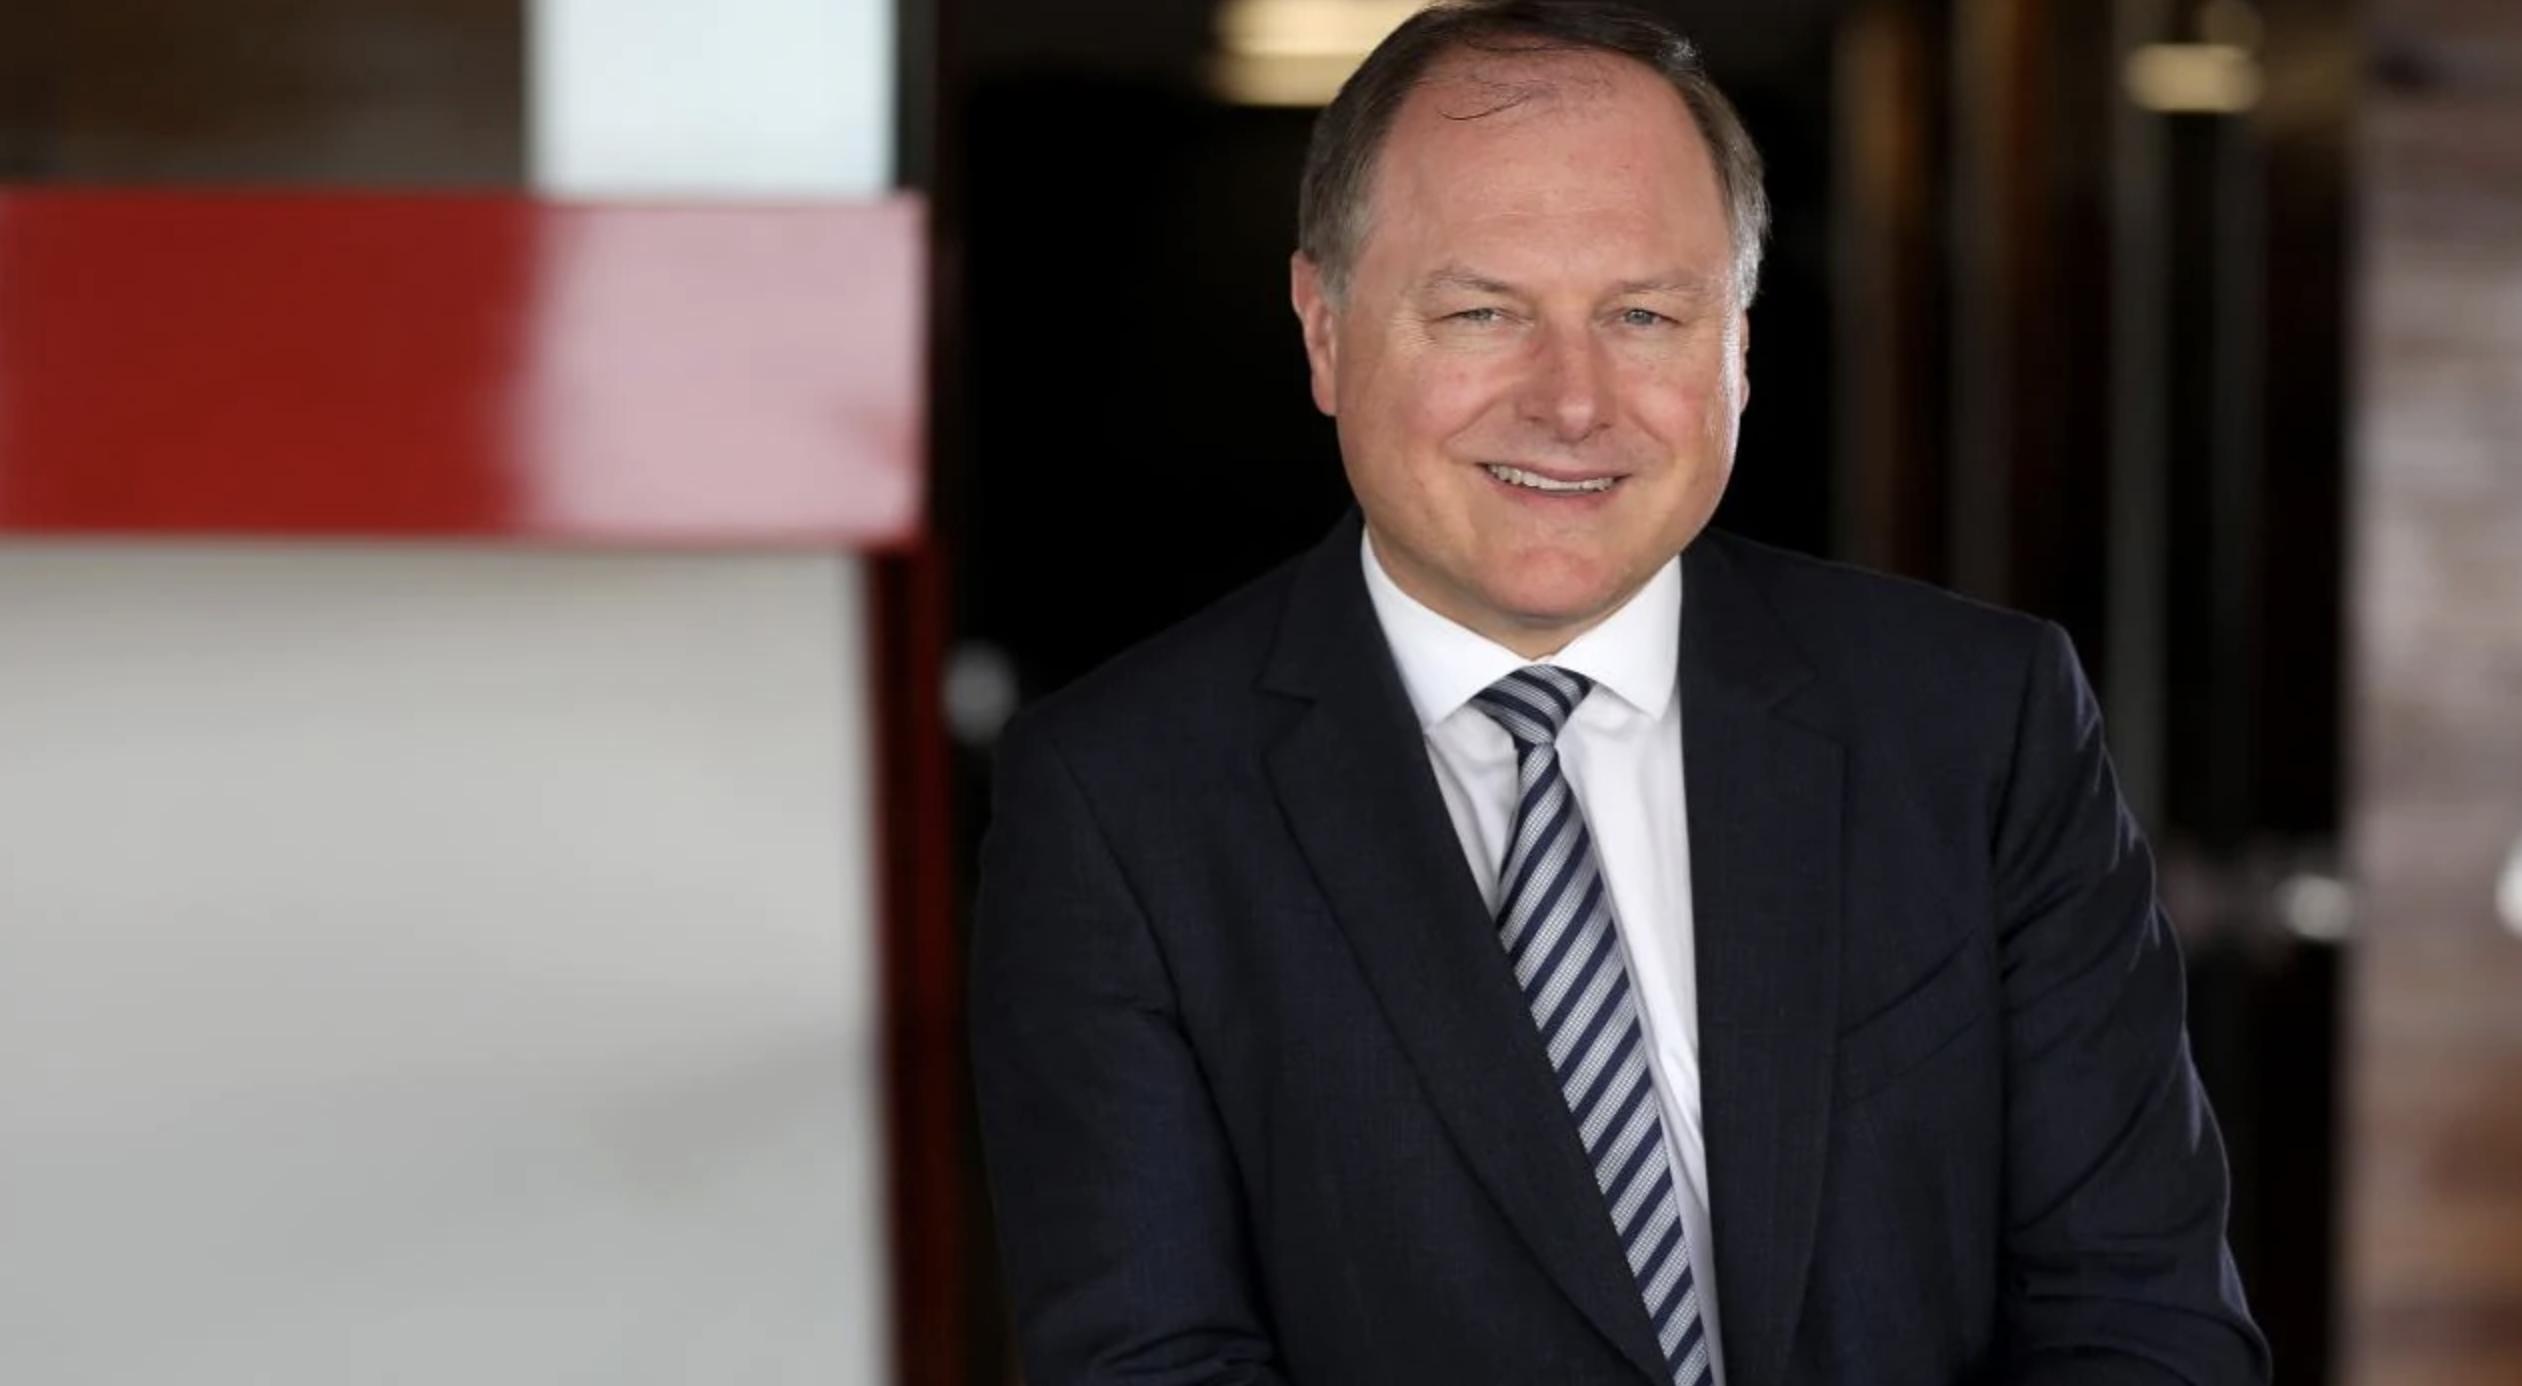 Stockland CEO Mark Steinert